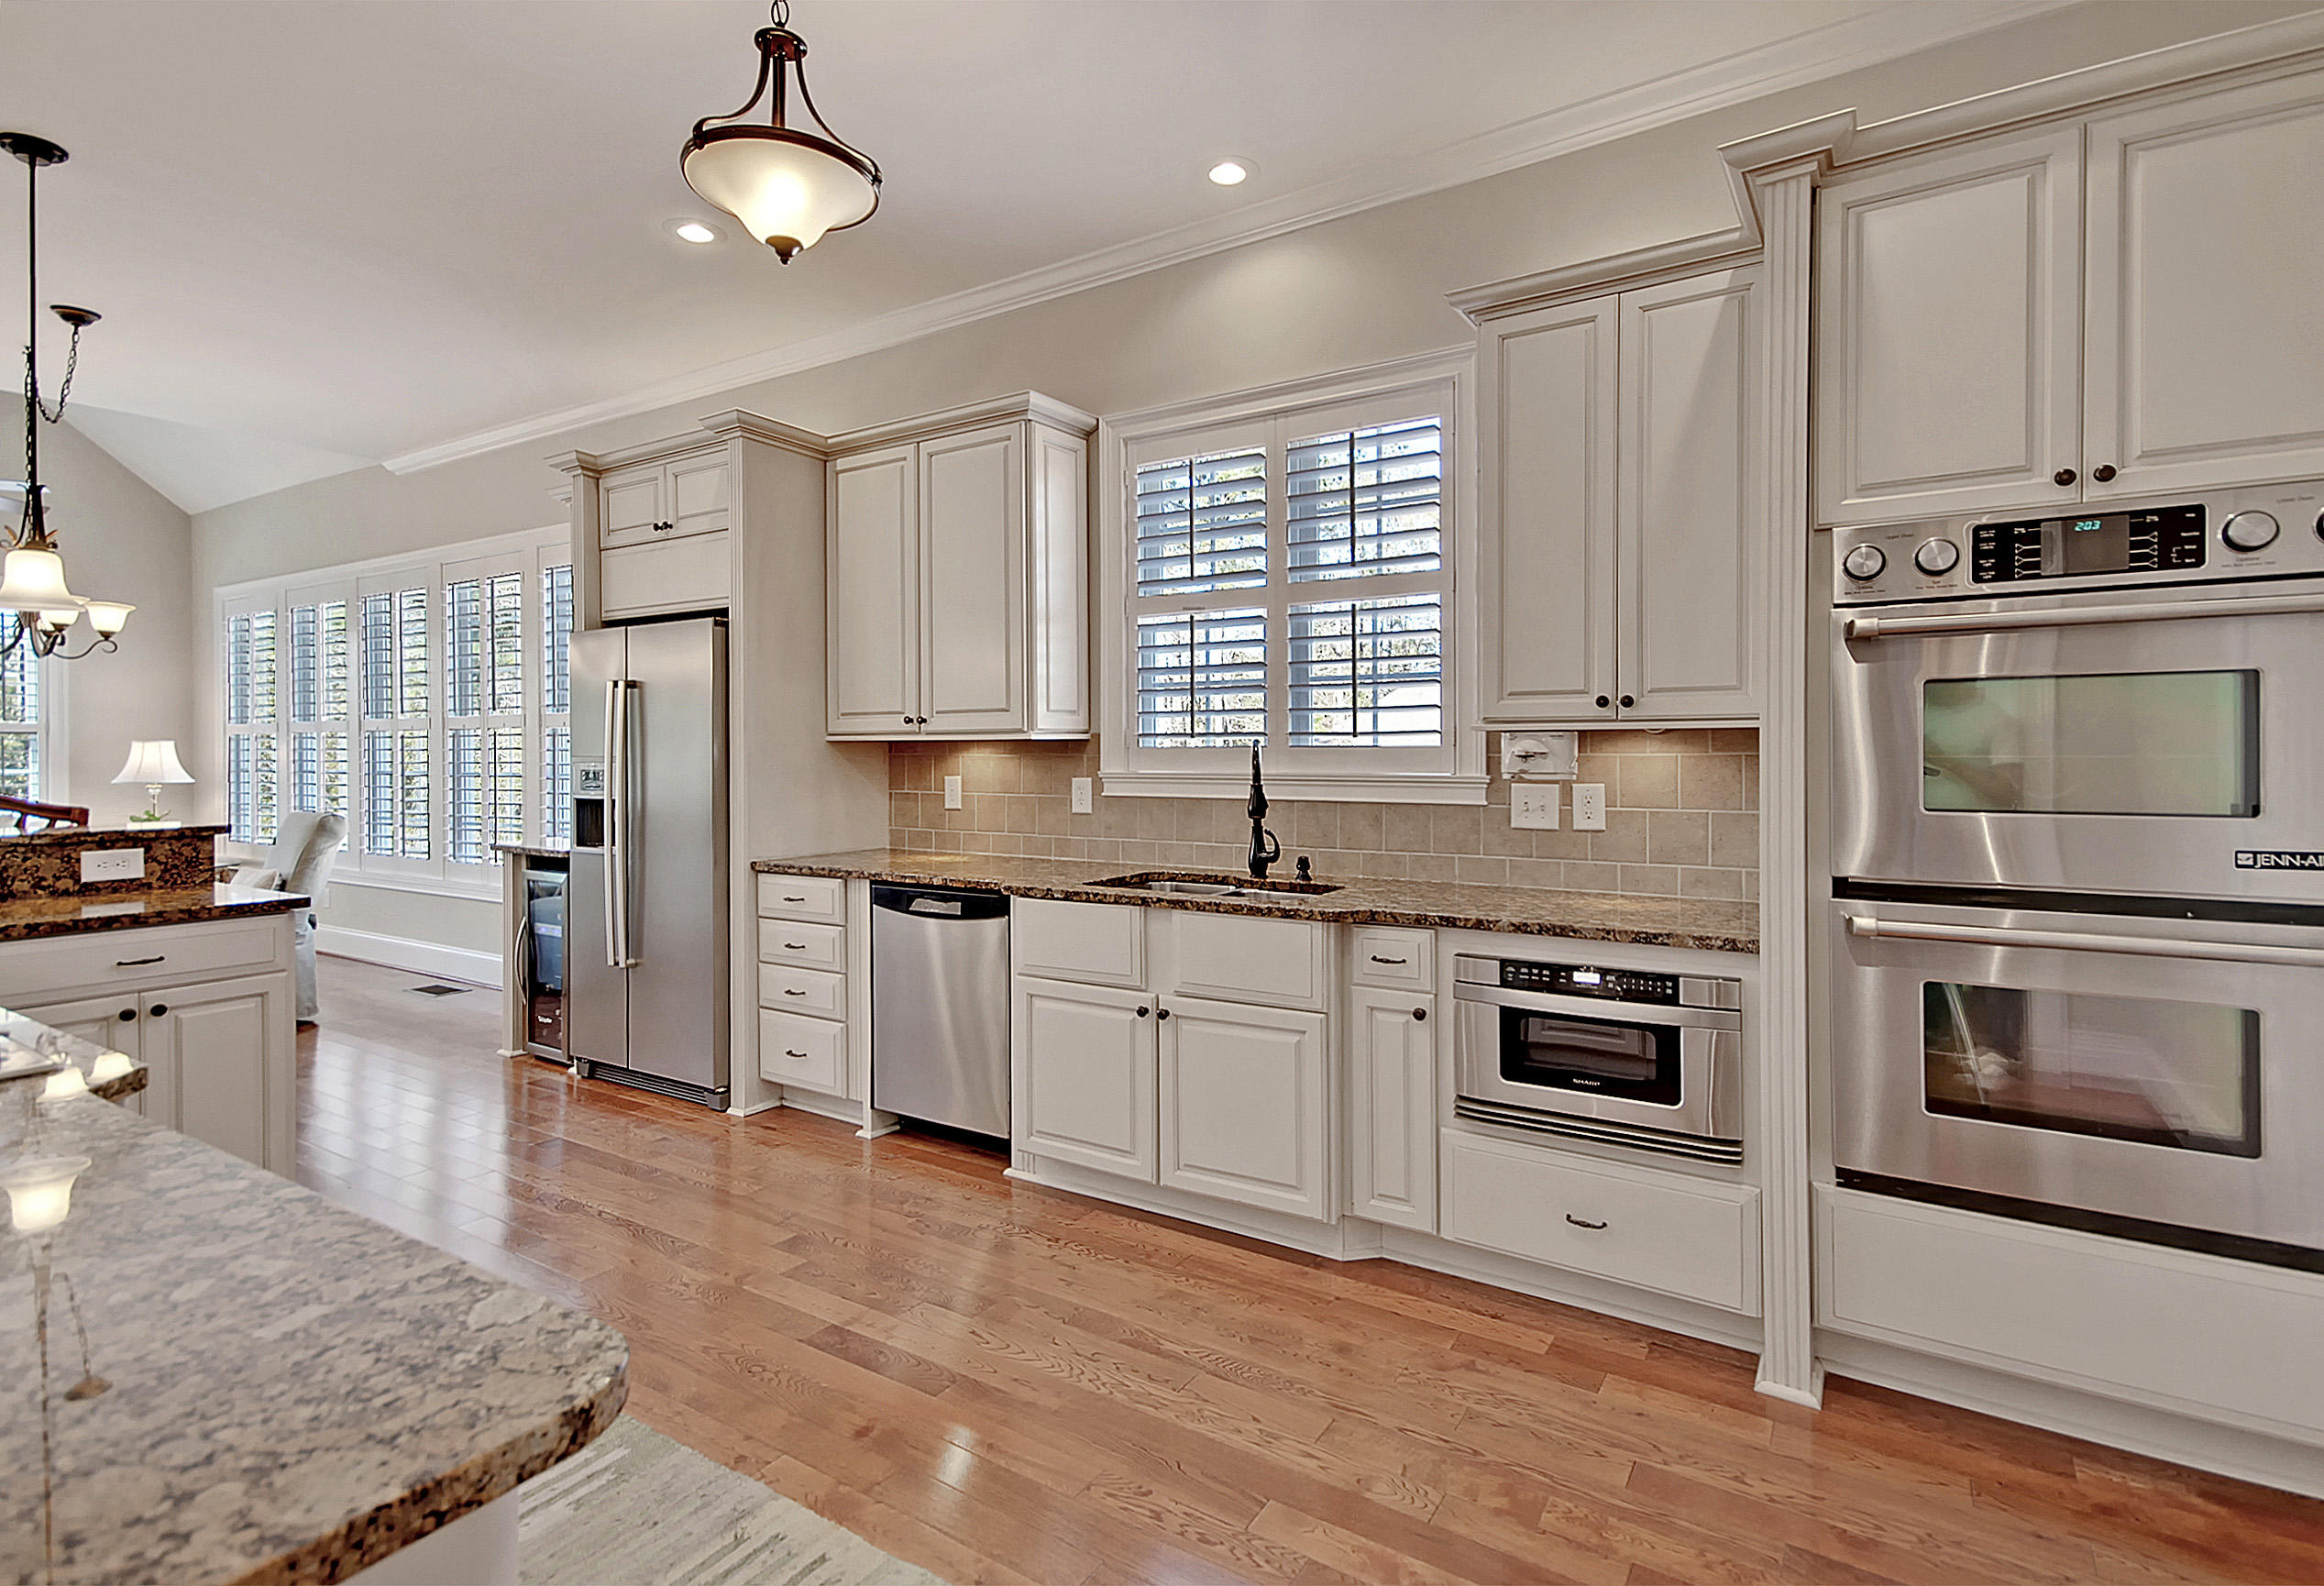 Dunes West Homes For Sale - 2721 Fountainhead, Mount Pleasant, SC - 52